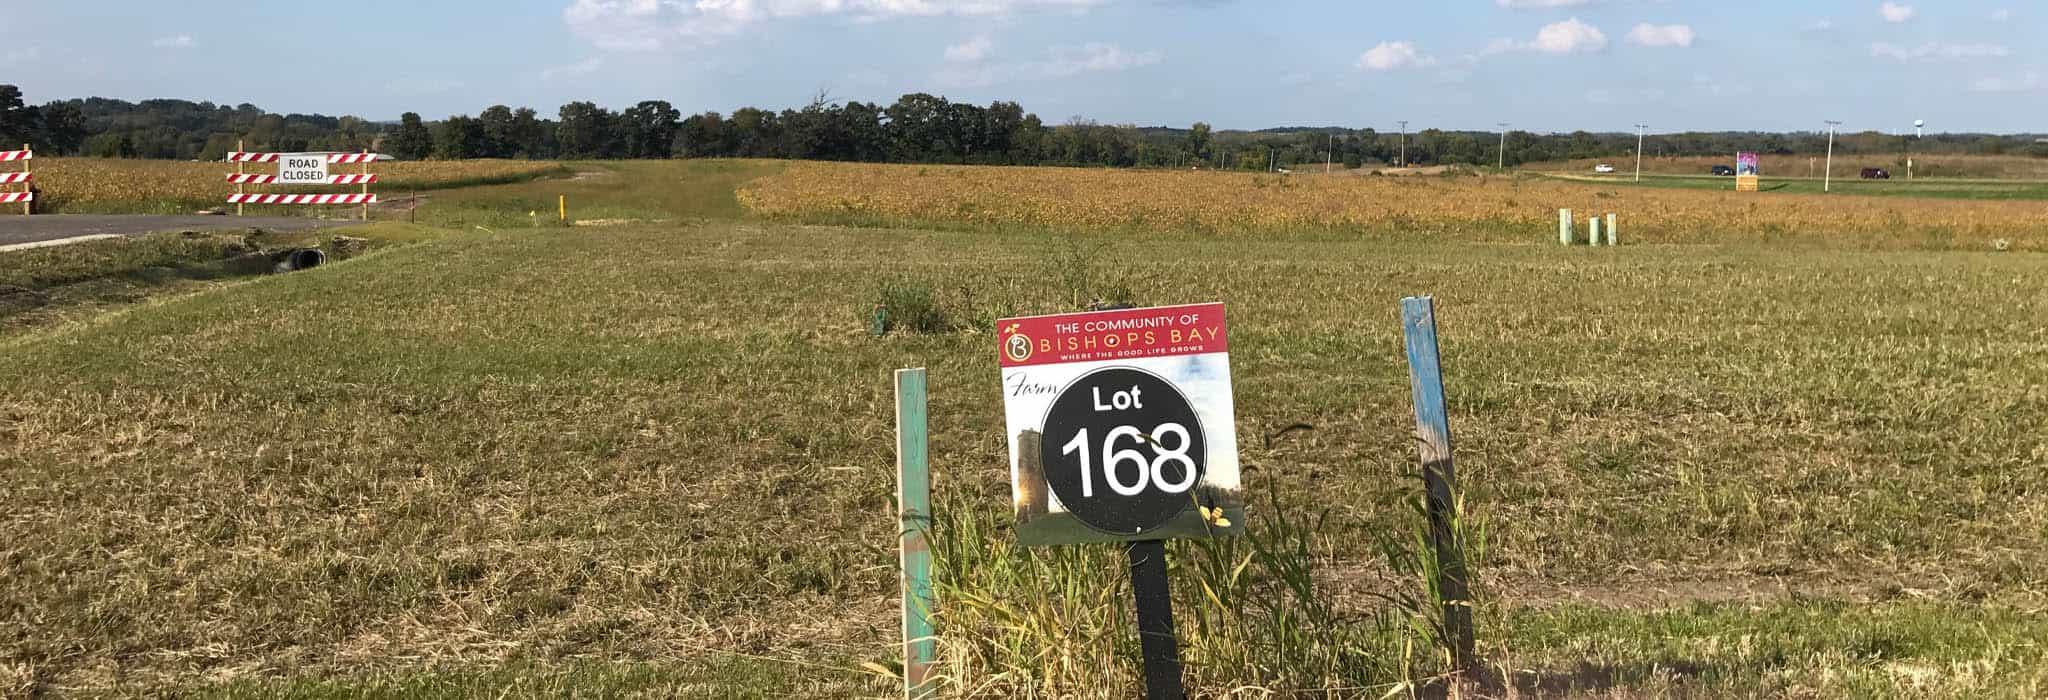 Farm Lot 168